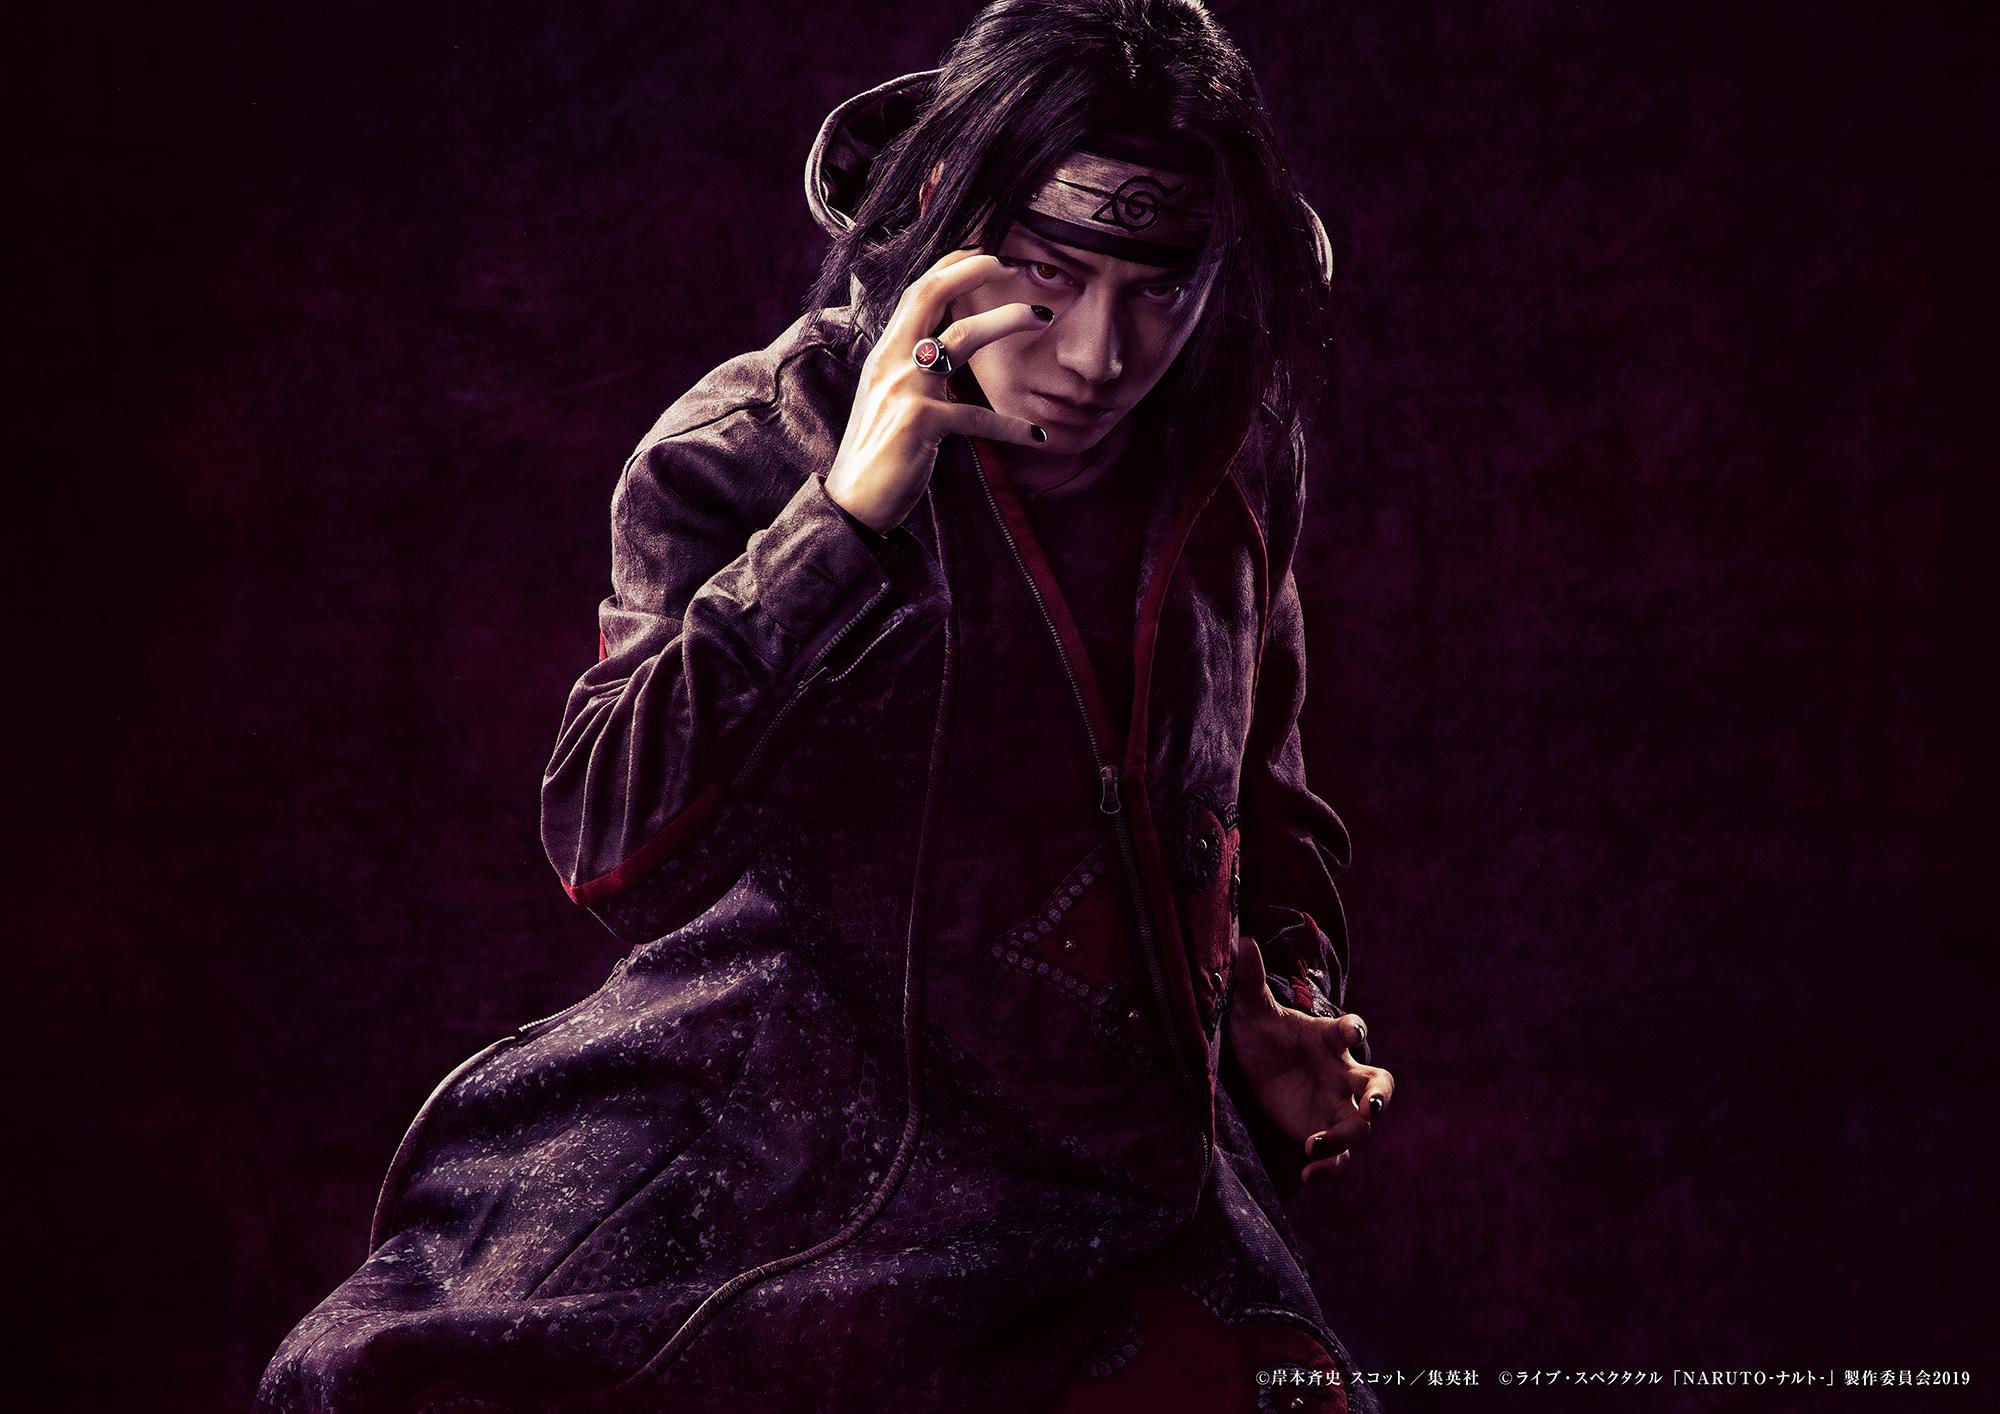 舞台「NARUTO-ナルト-」松岡広大ら3人のビジュアルほか公演詳細解禁 メルマガ先行4月22日から イメージ画像